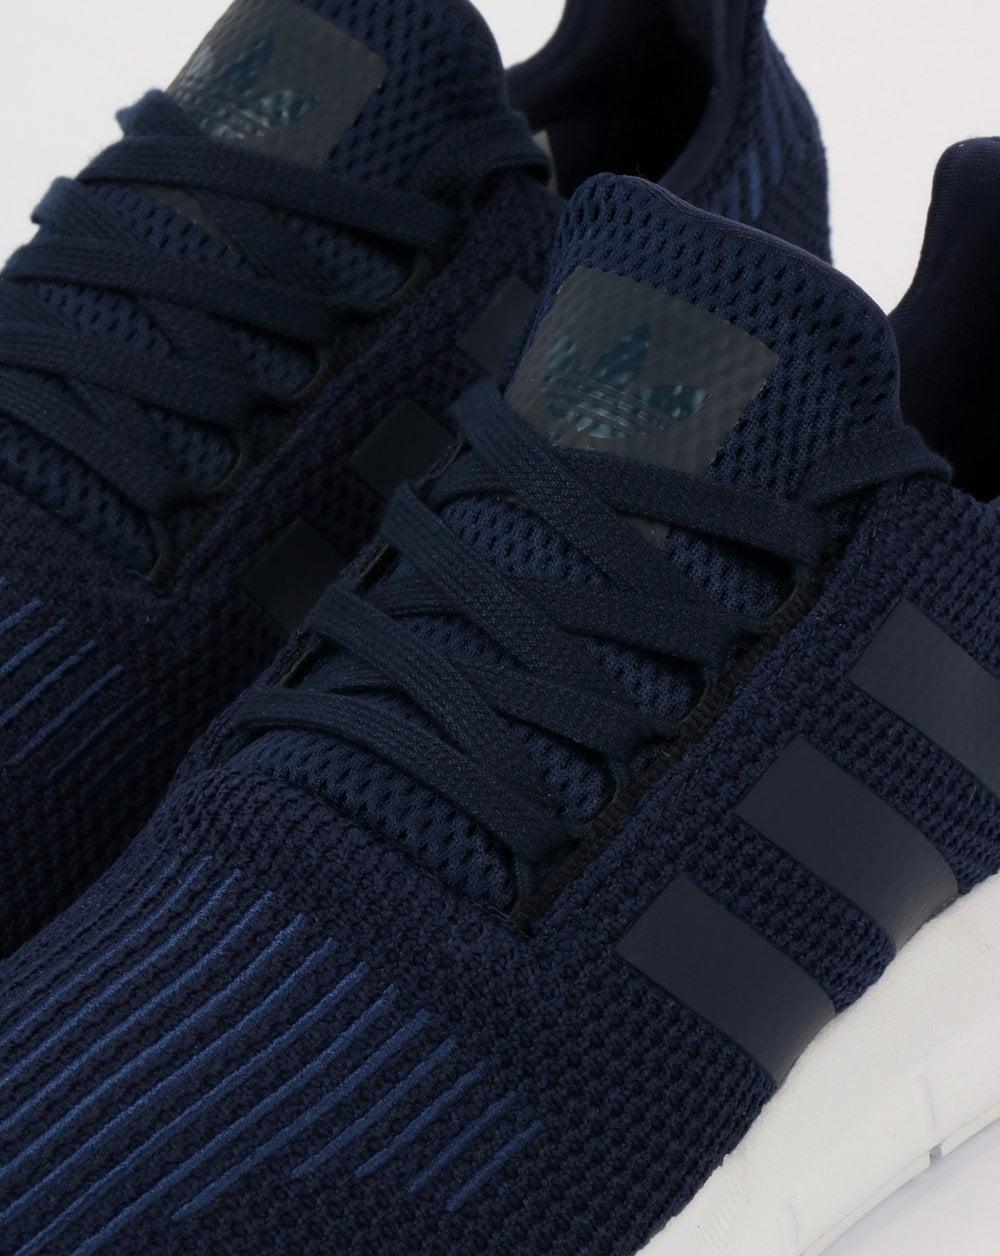 Adidas Swift Run Trainers Navy/White